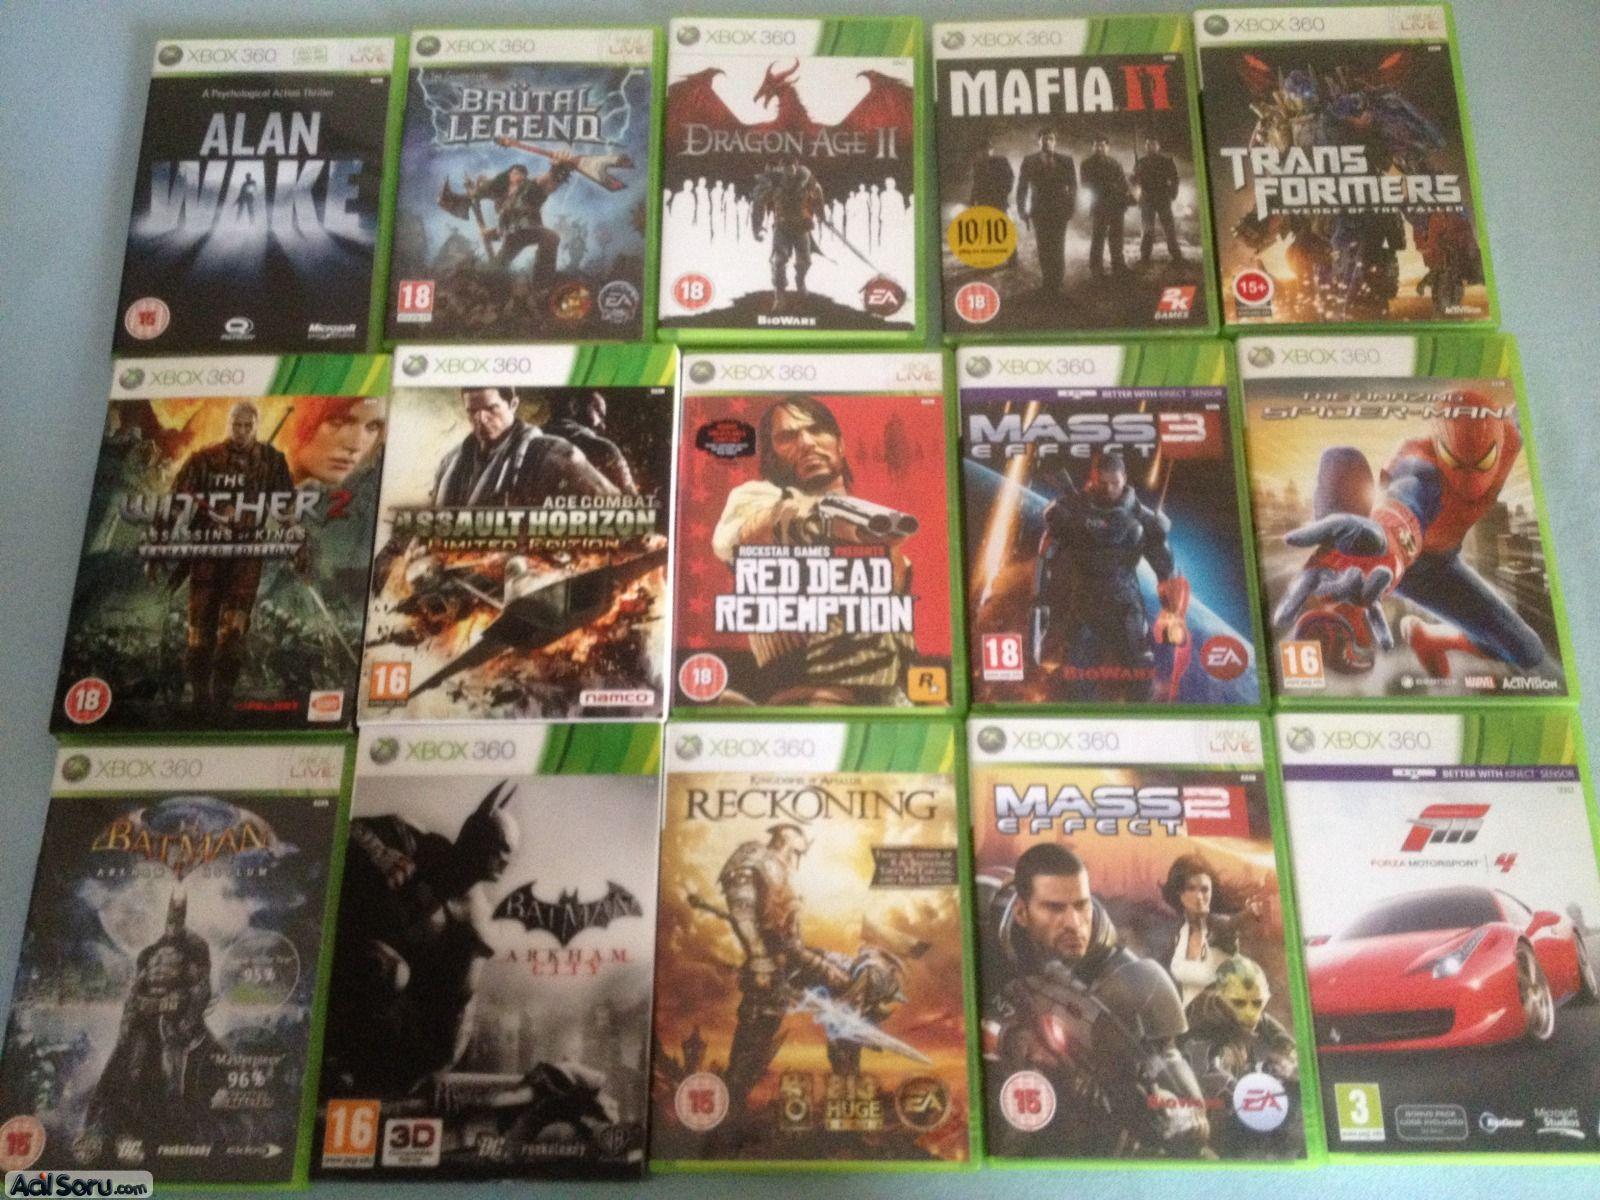 En Iyi Xbox Oyunlar 2013 Detayl Resimli Cevap